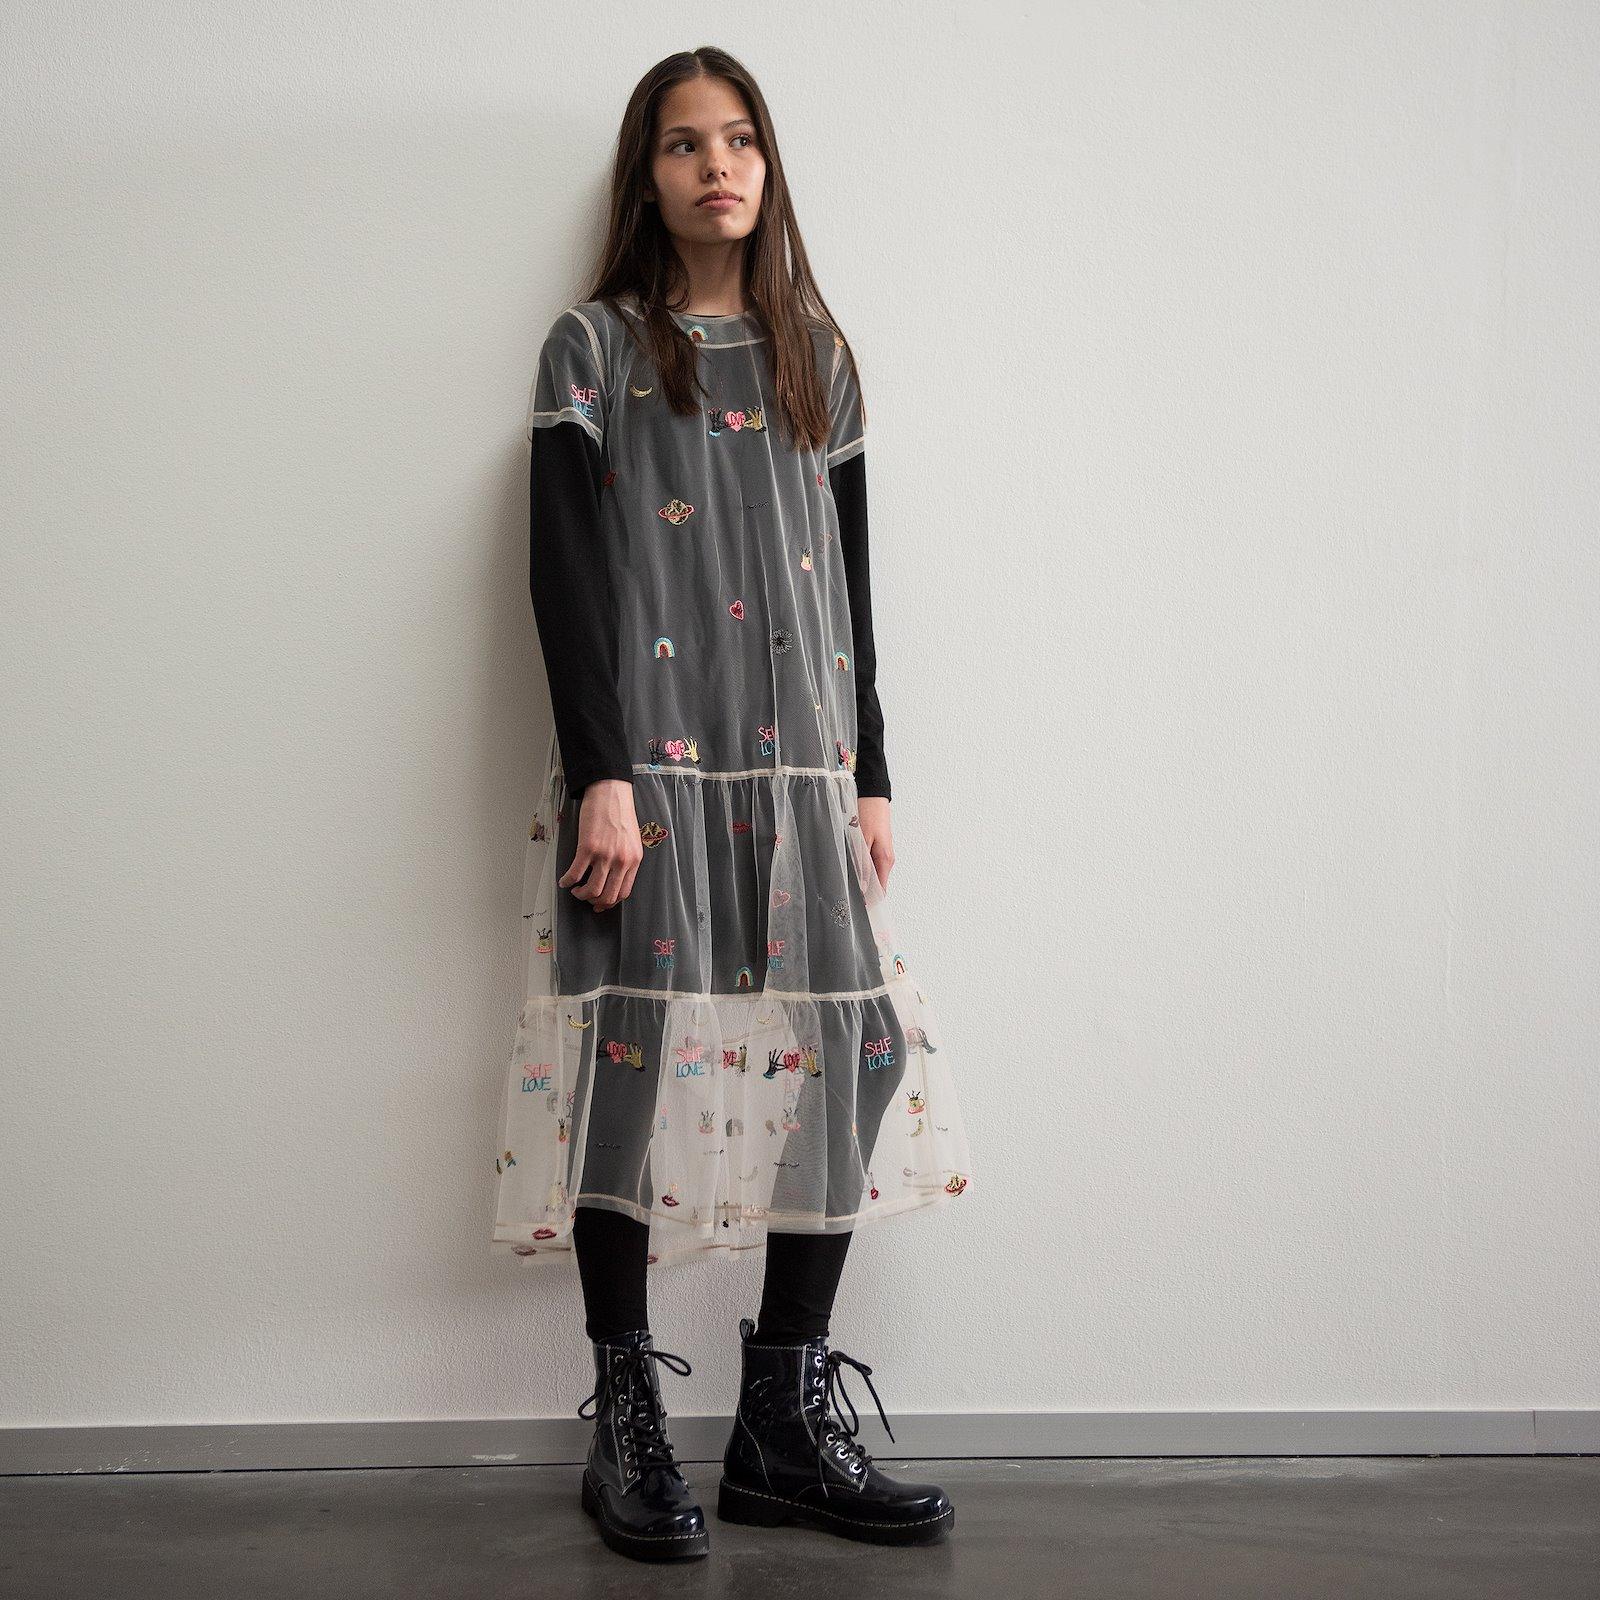 Flounce dress, 134/9y p63062_640280_p63064_270265_p60032_270265_sskit